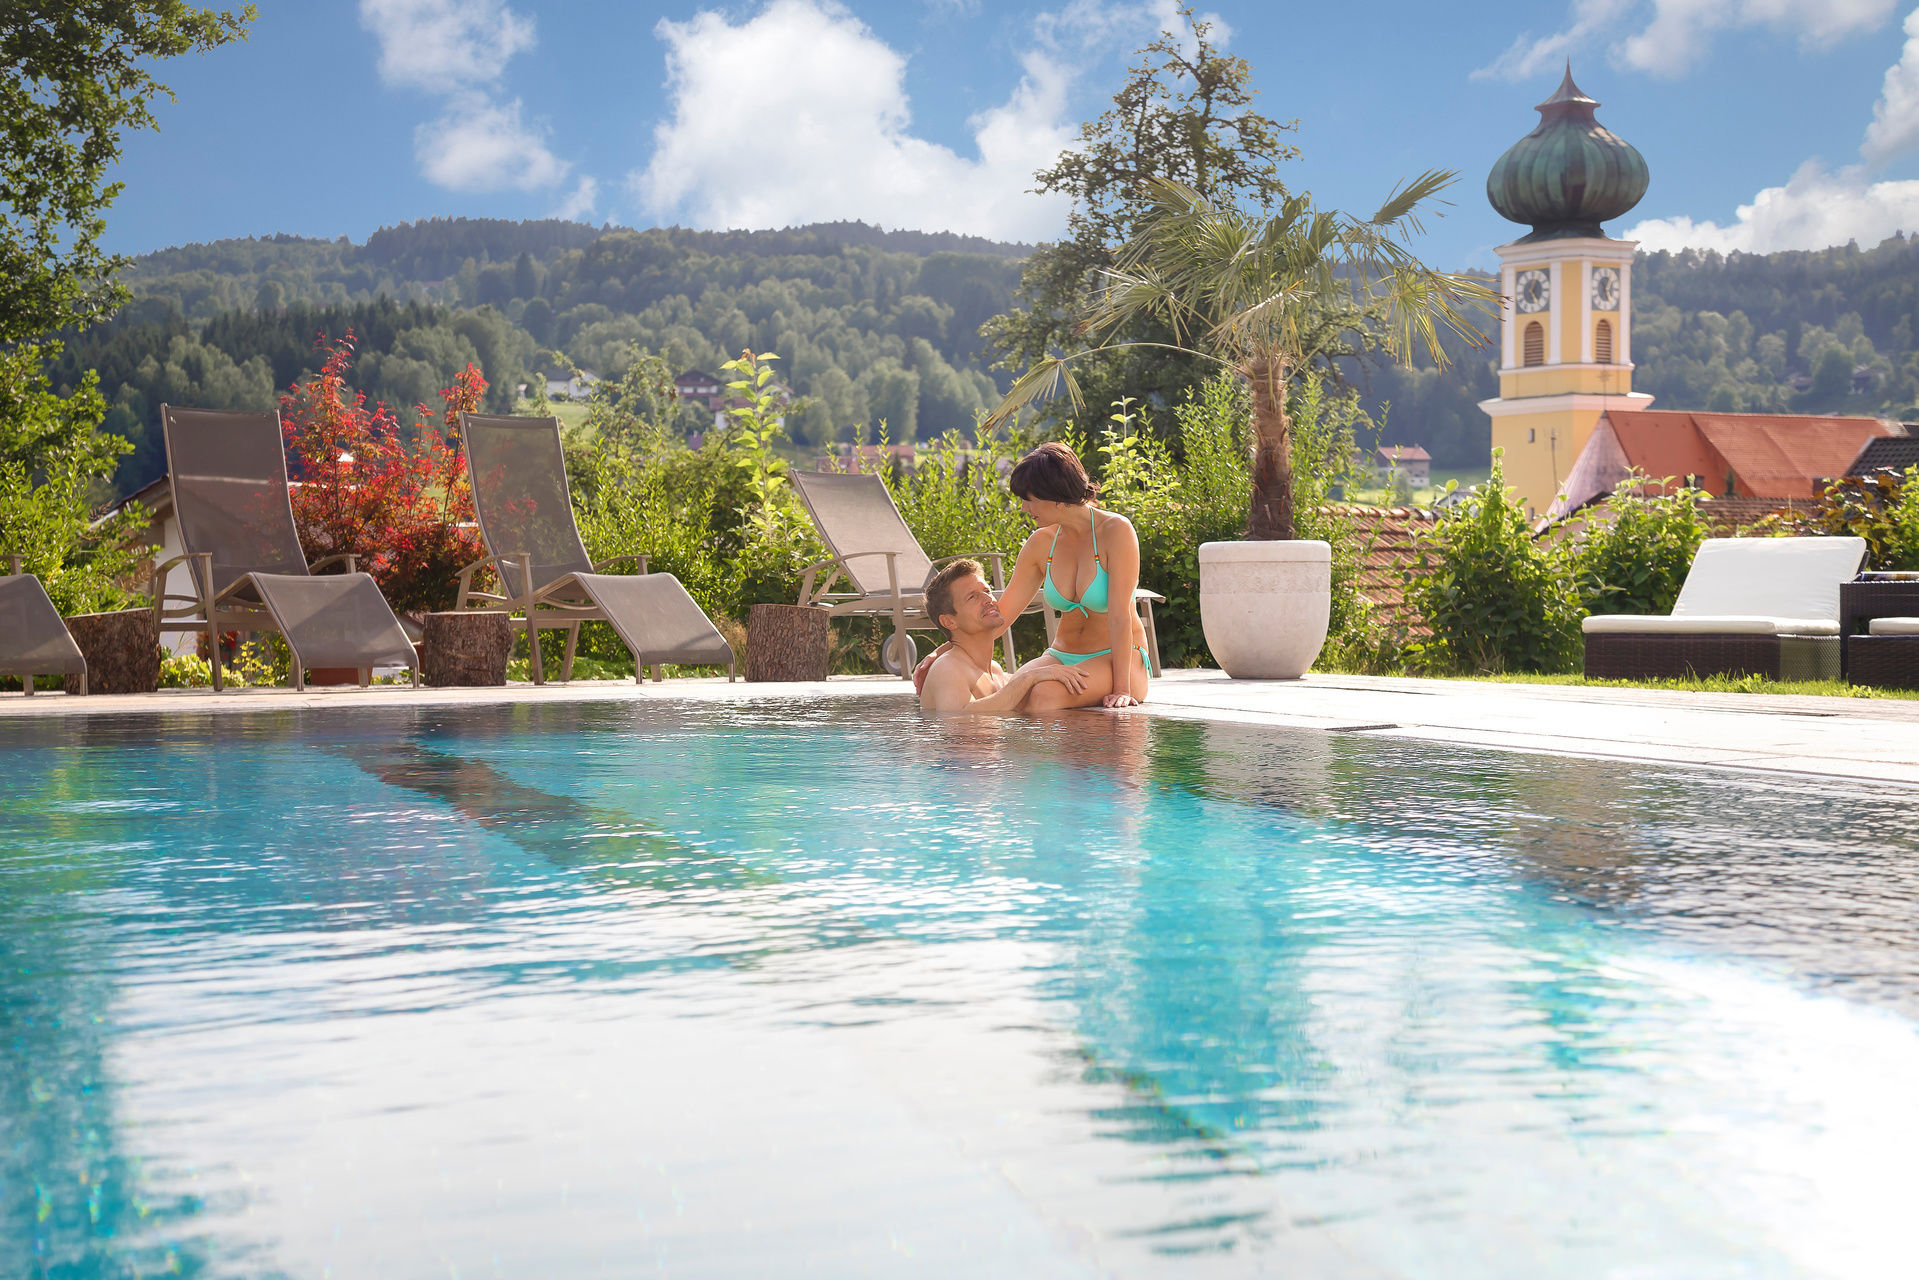 Hotel Eibl Brunner 4 Sterne Hotel Wellnessurlaub Bayern